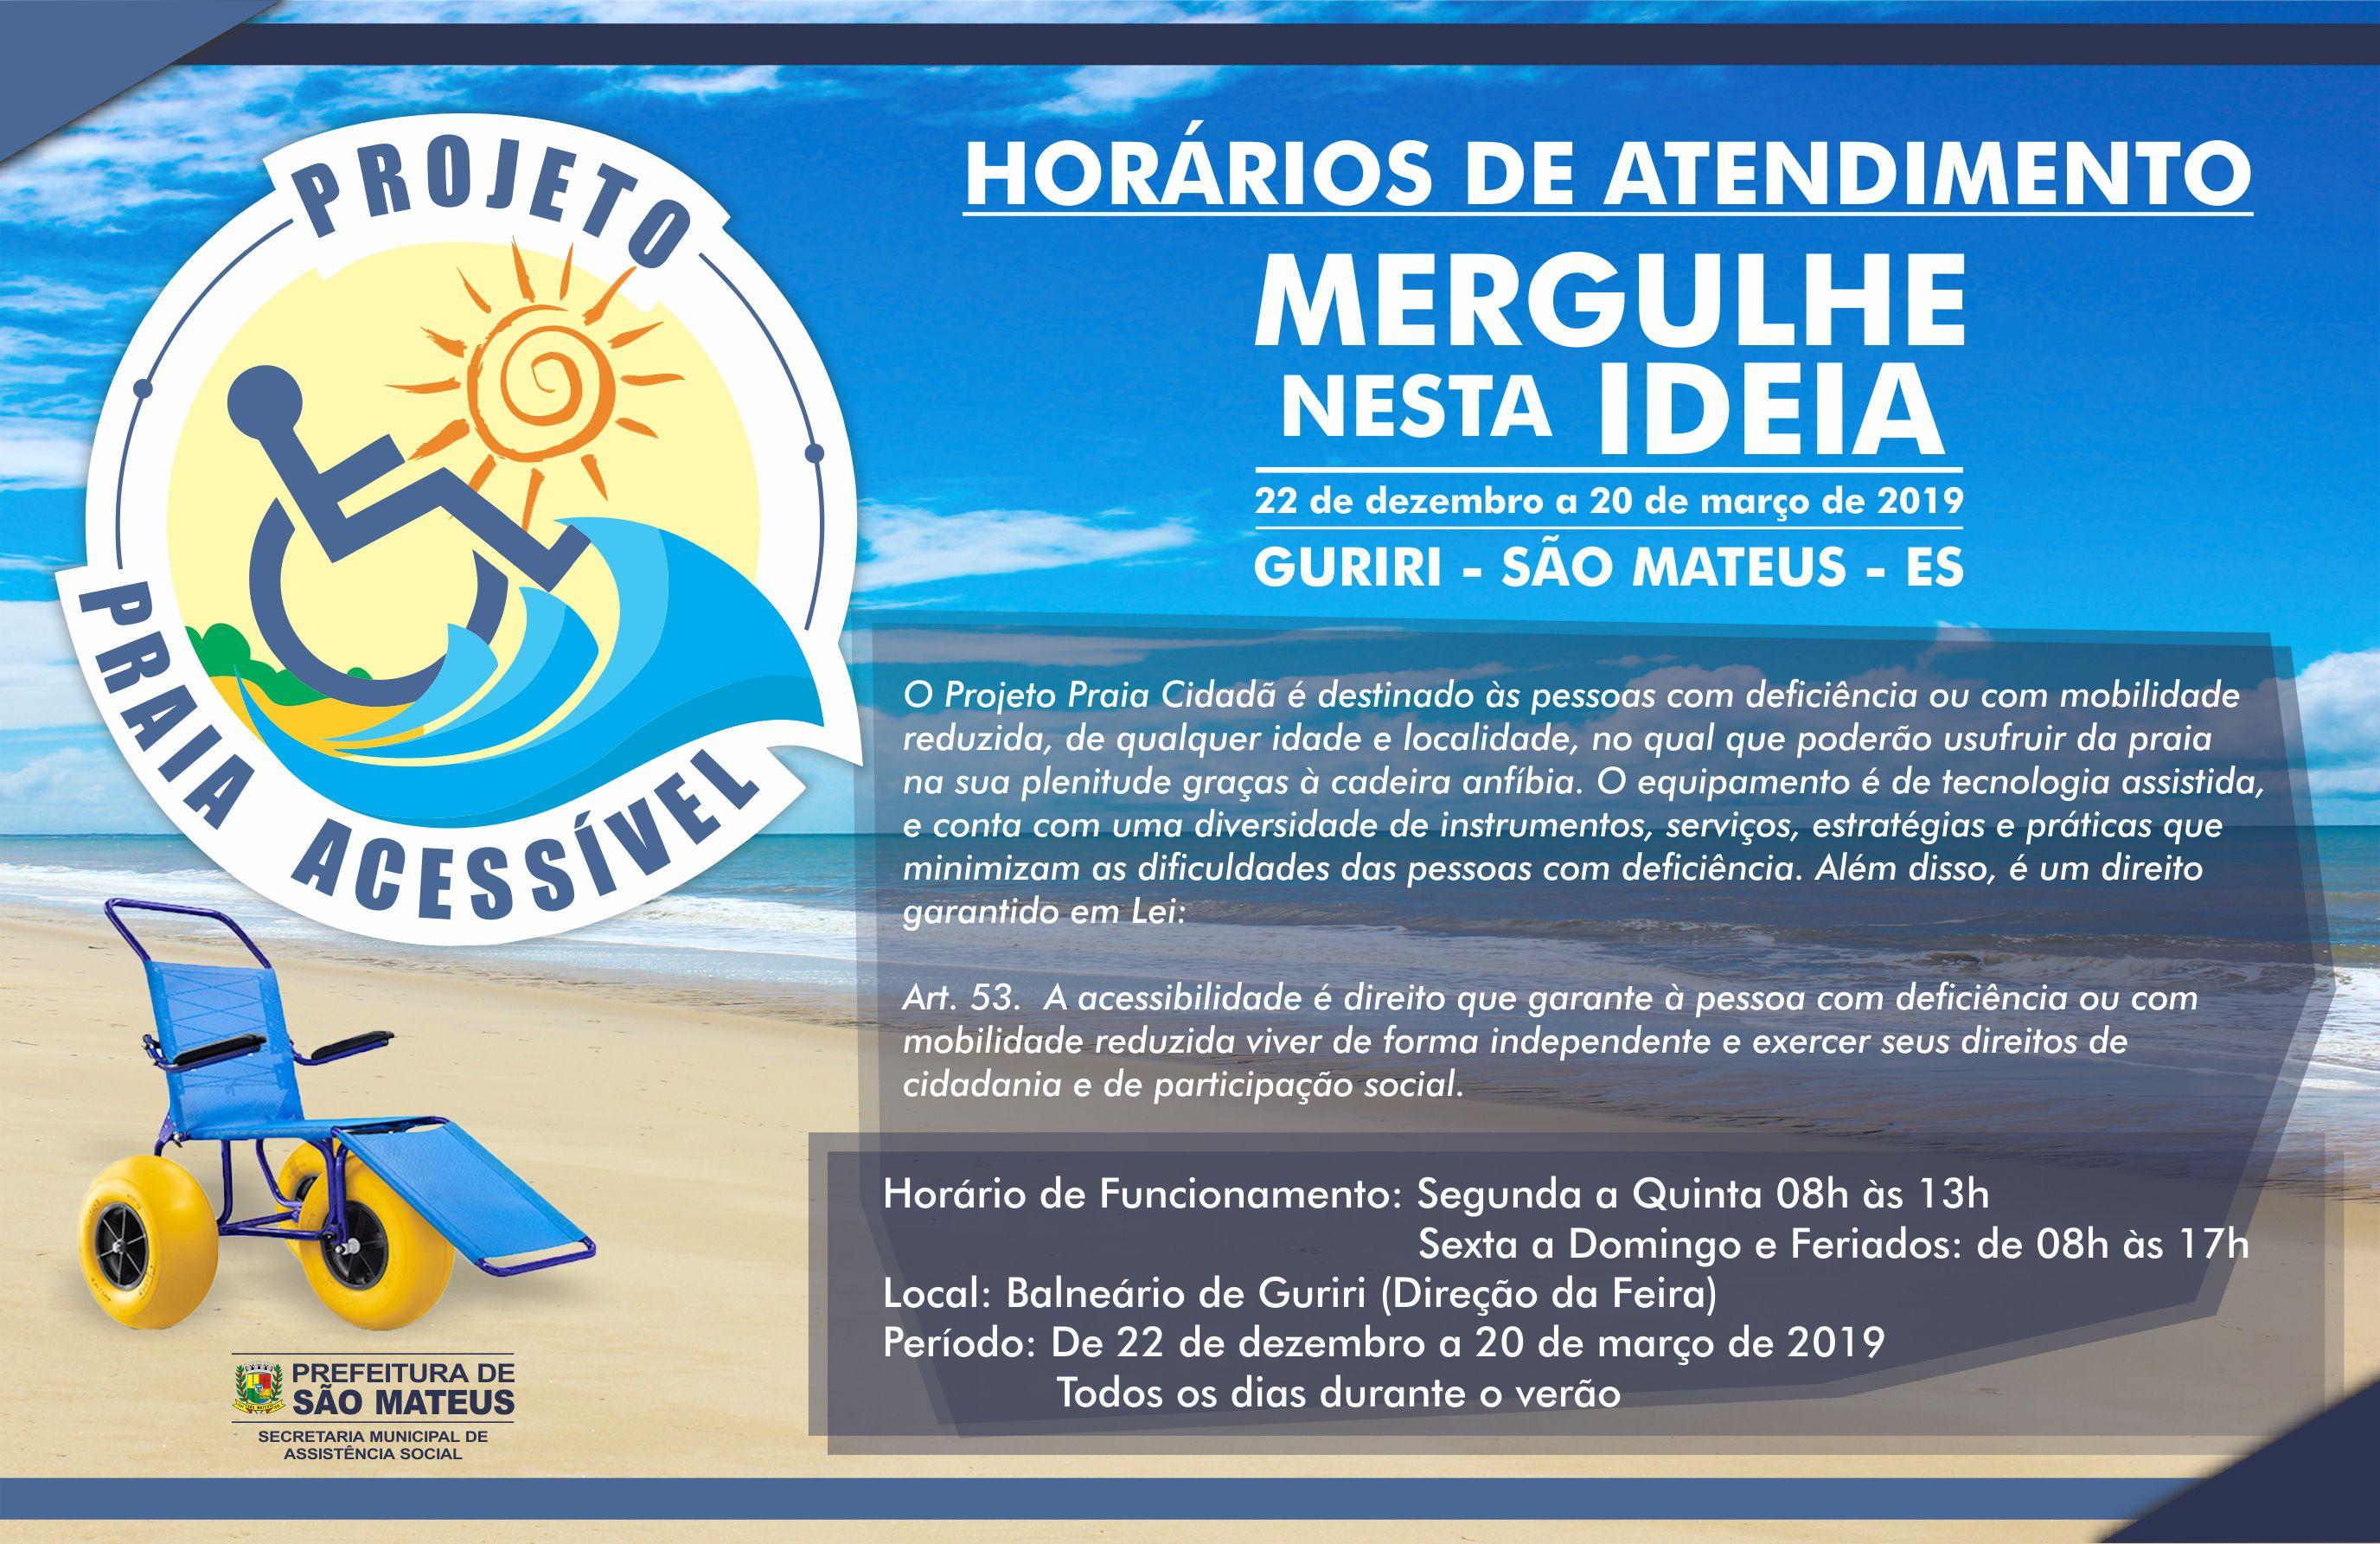 PMSM Divulga os Horários de Atendimento do Praia Acessível